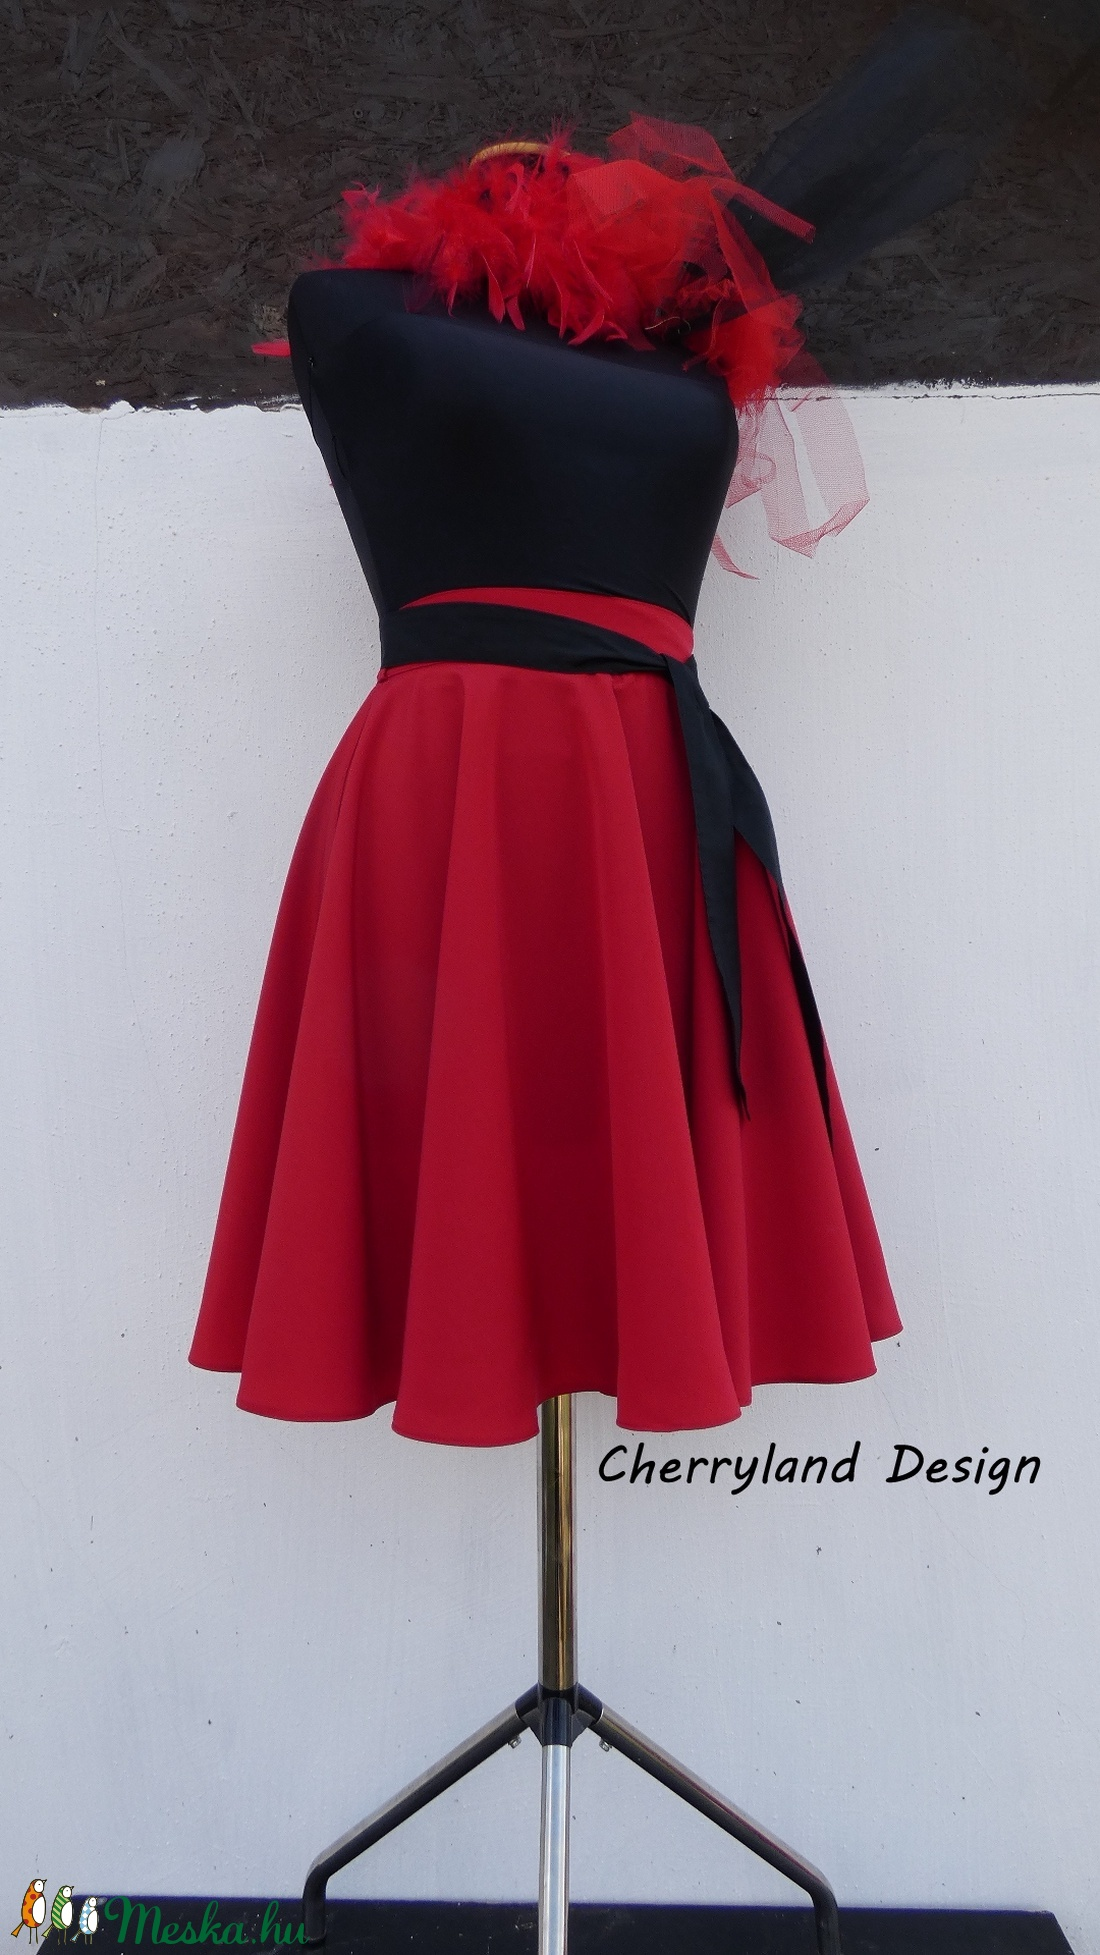 Cherryland Design Piros pamutvászon   Rockabilly stílusú szoknya  (textilmester) - Meska.hu